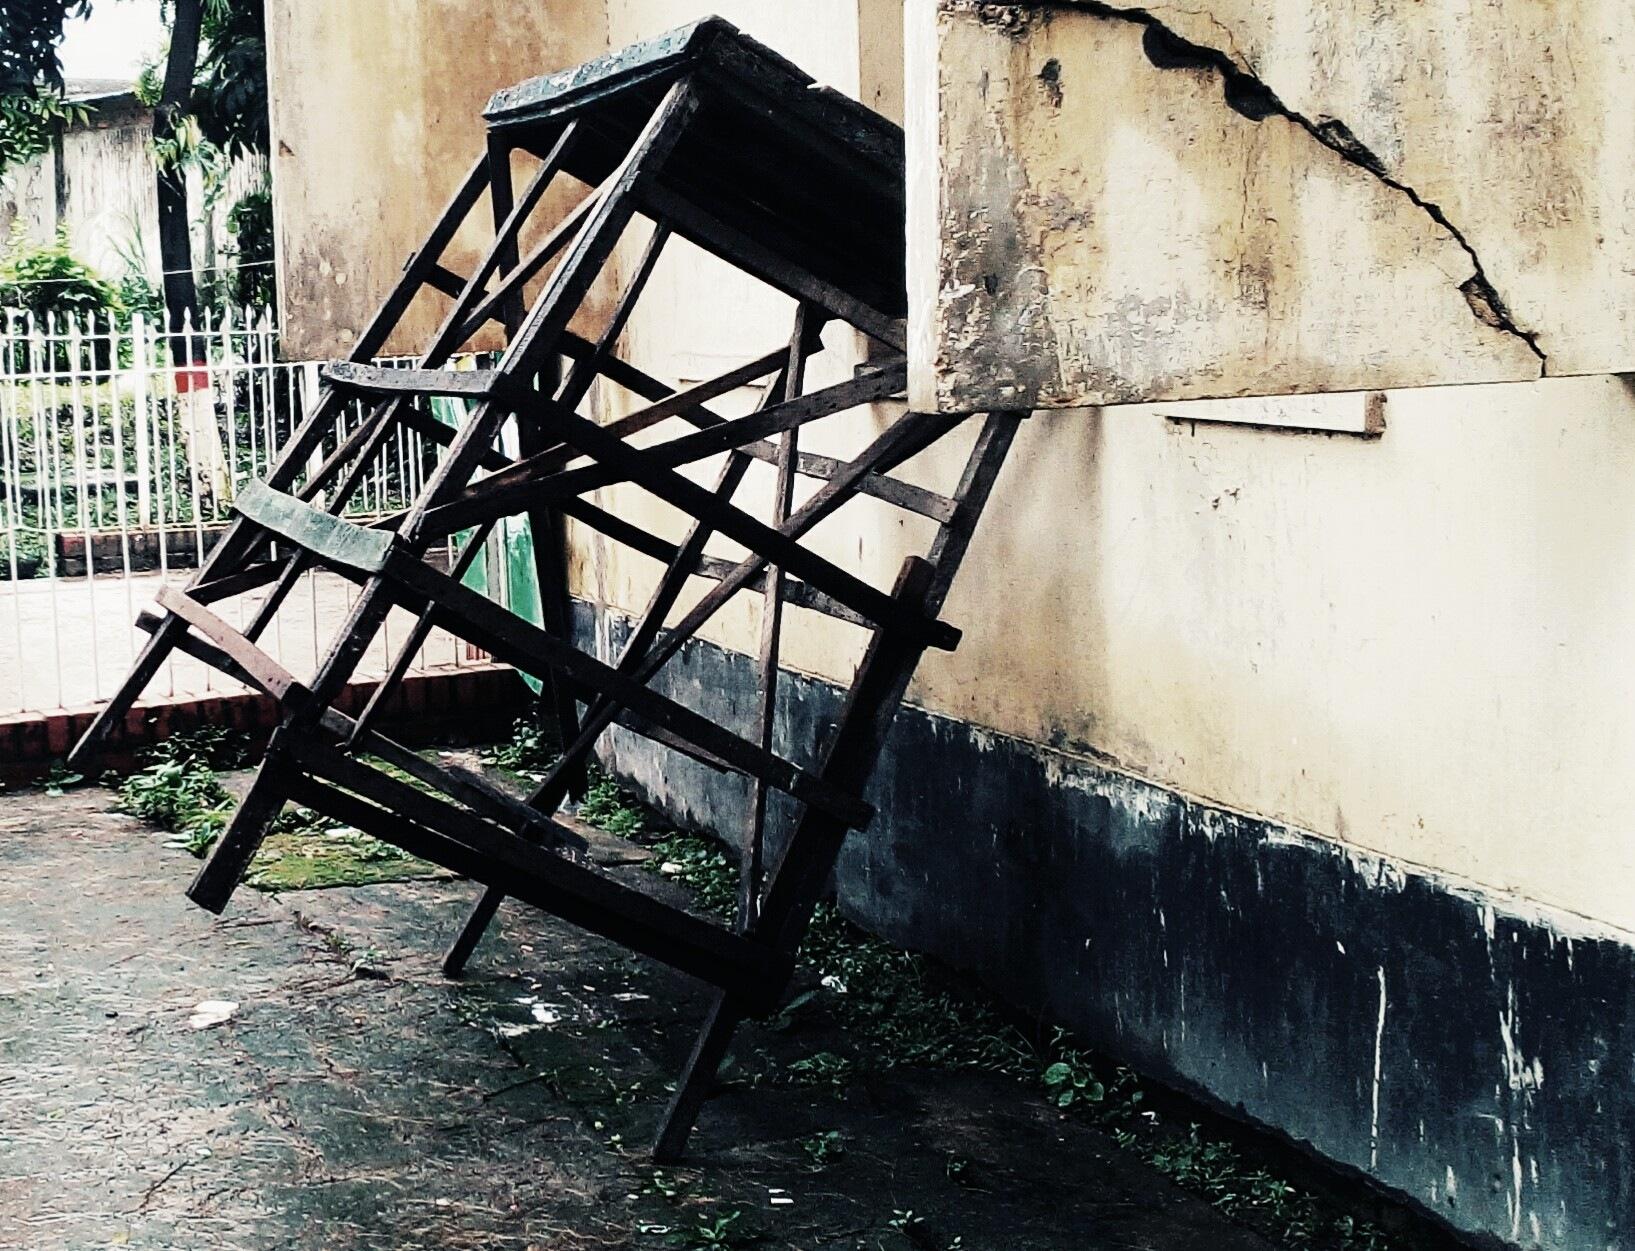 Vintage place  by Redwone Ratul